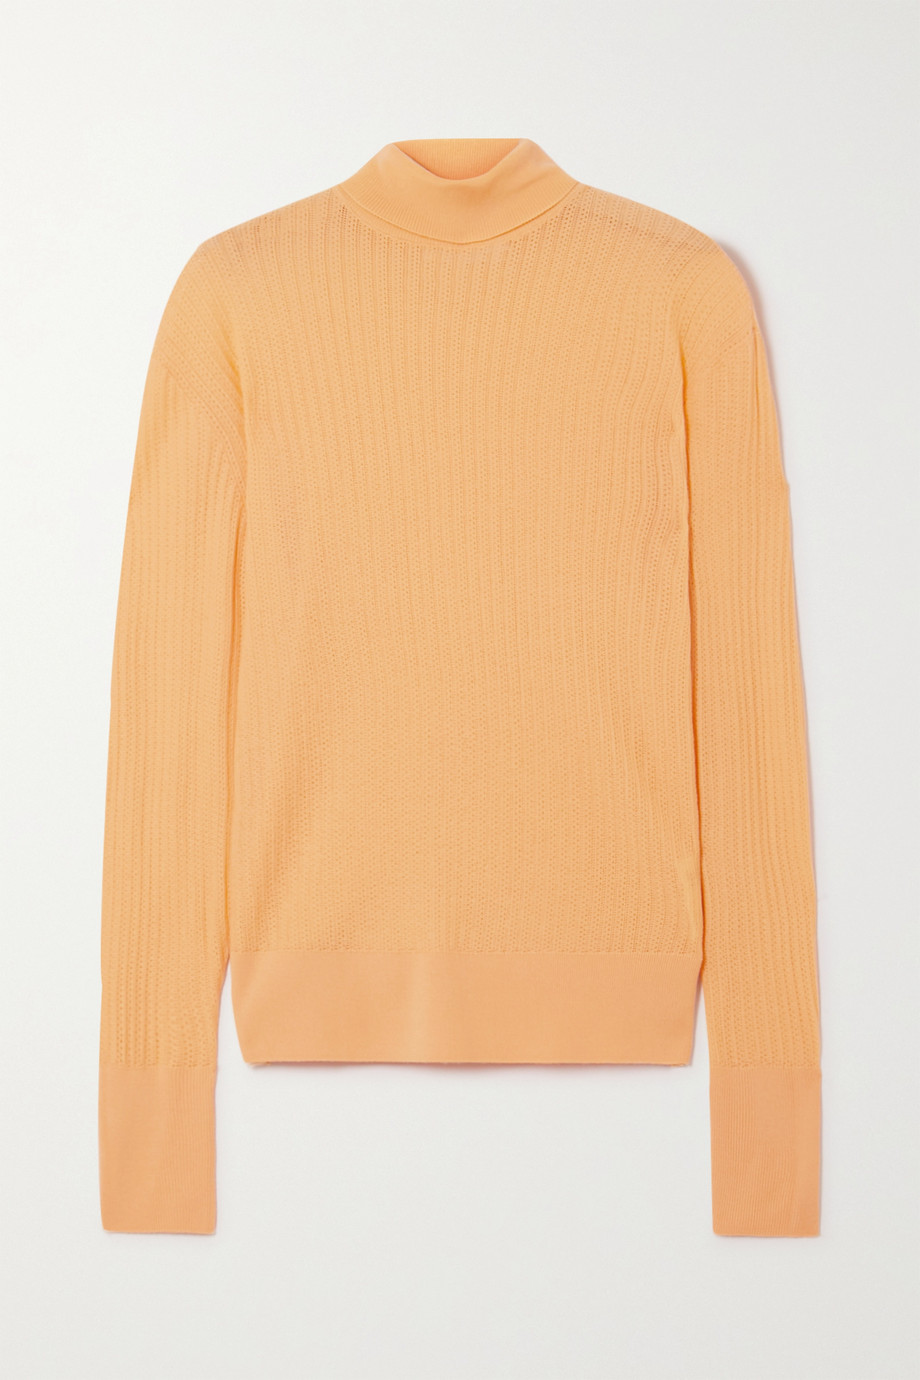 King & Tuckfield Pointelle-knit merino wool turtleneck sweater